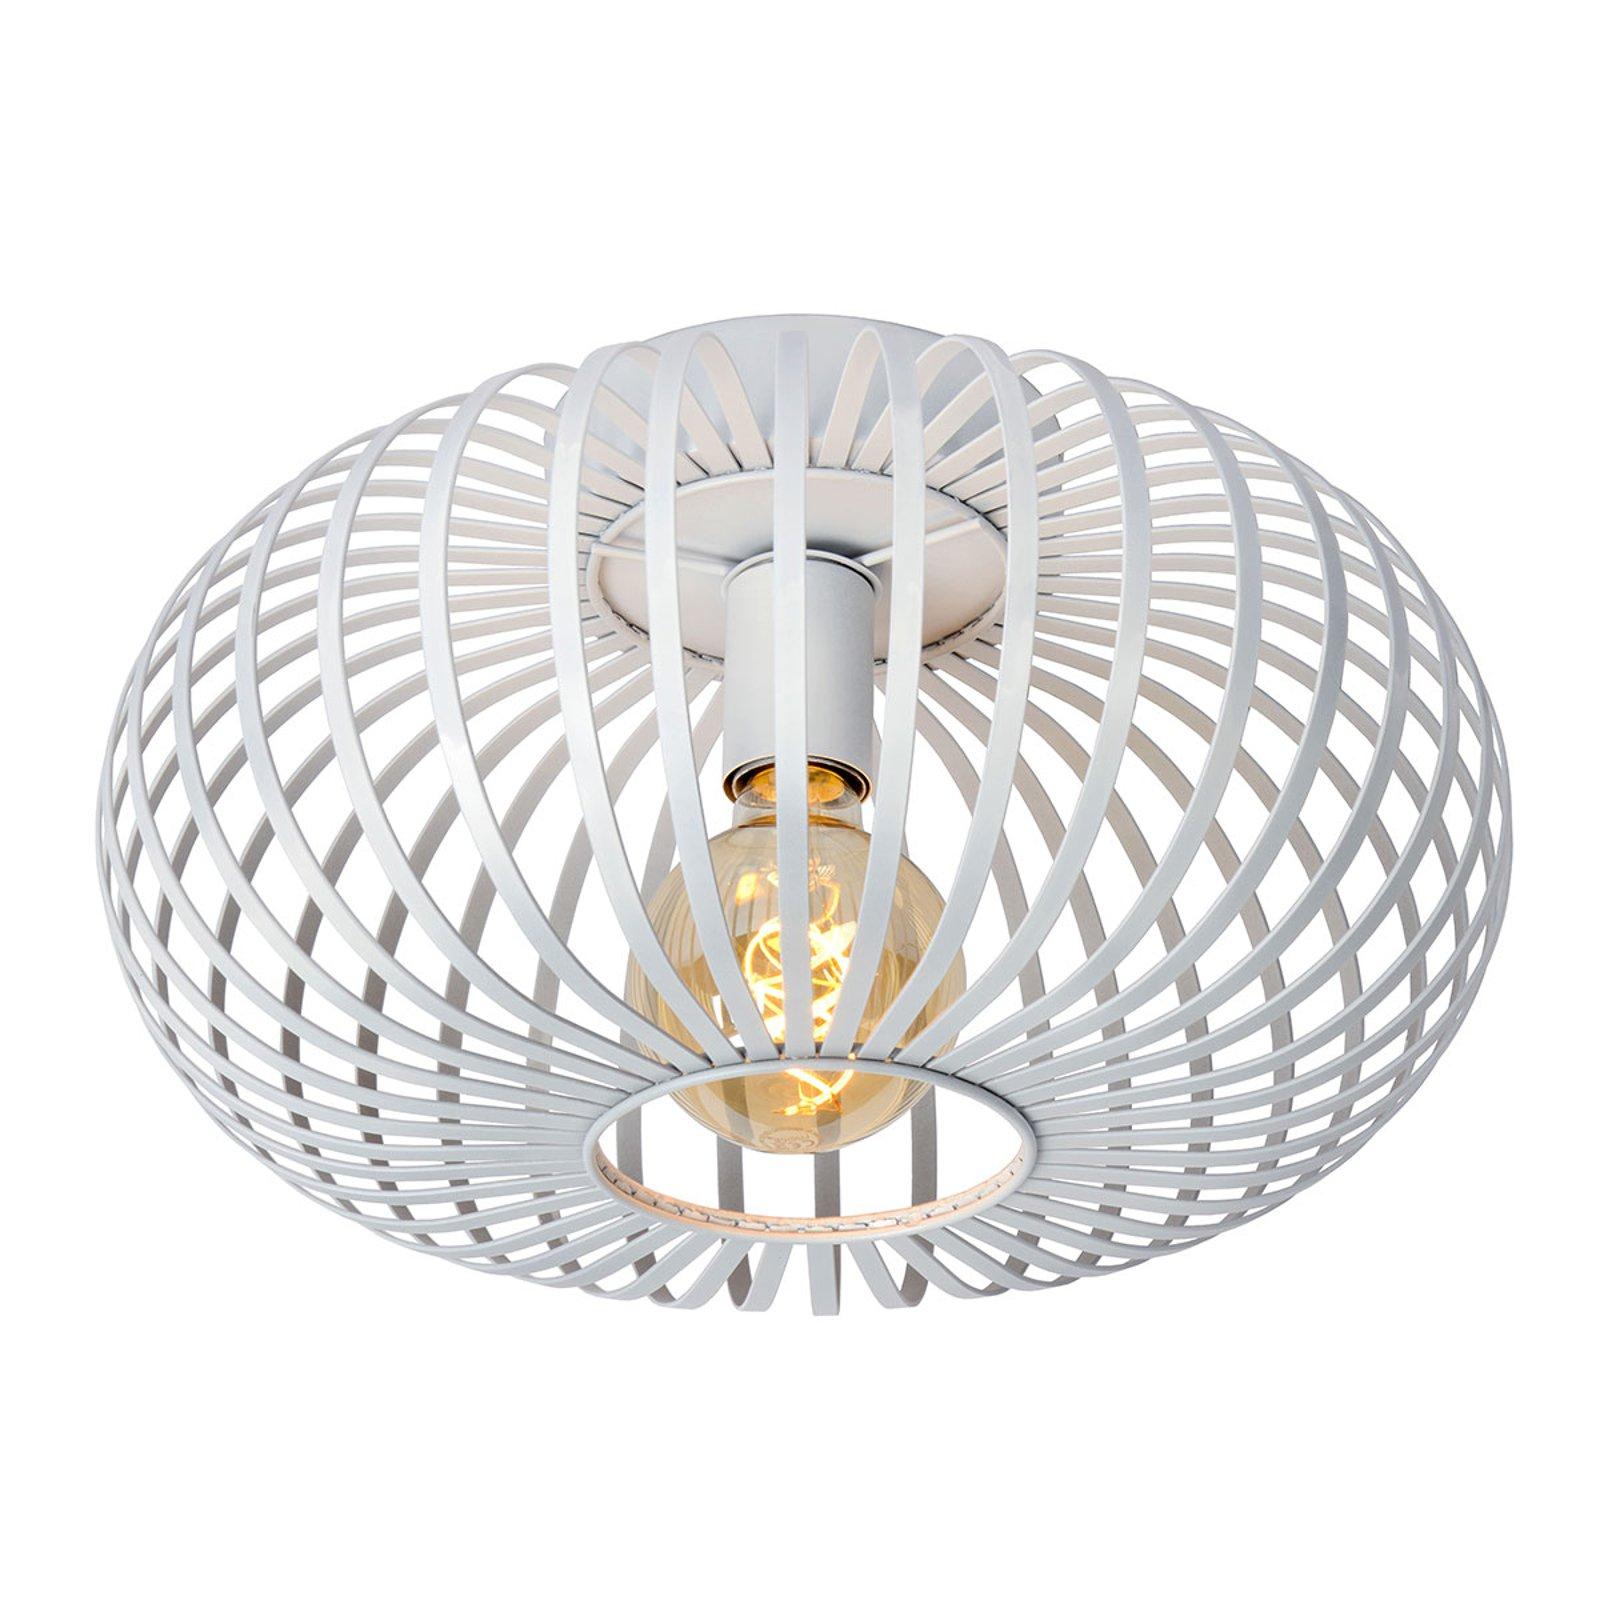 Bur-taklampe Manuela i hvit, 40 cm